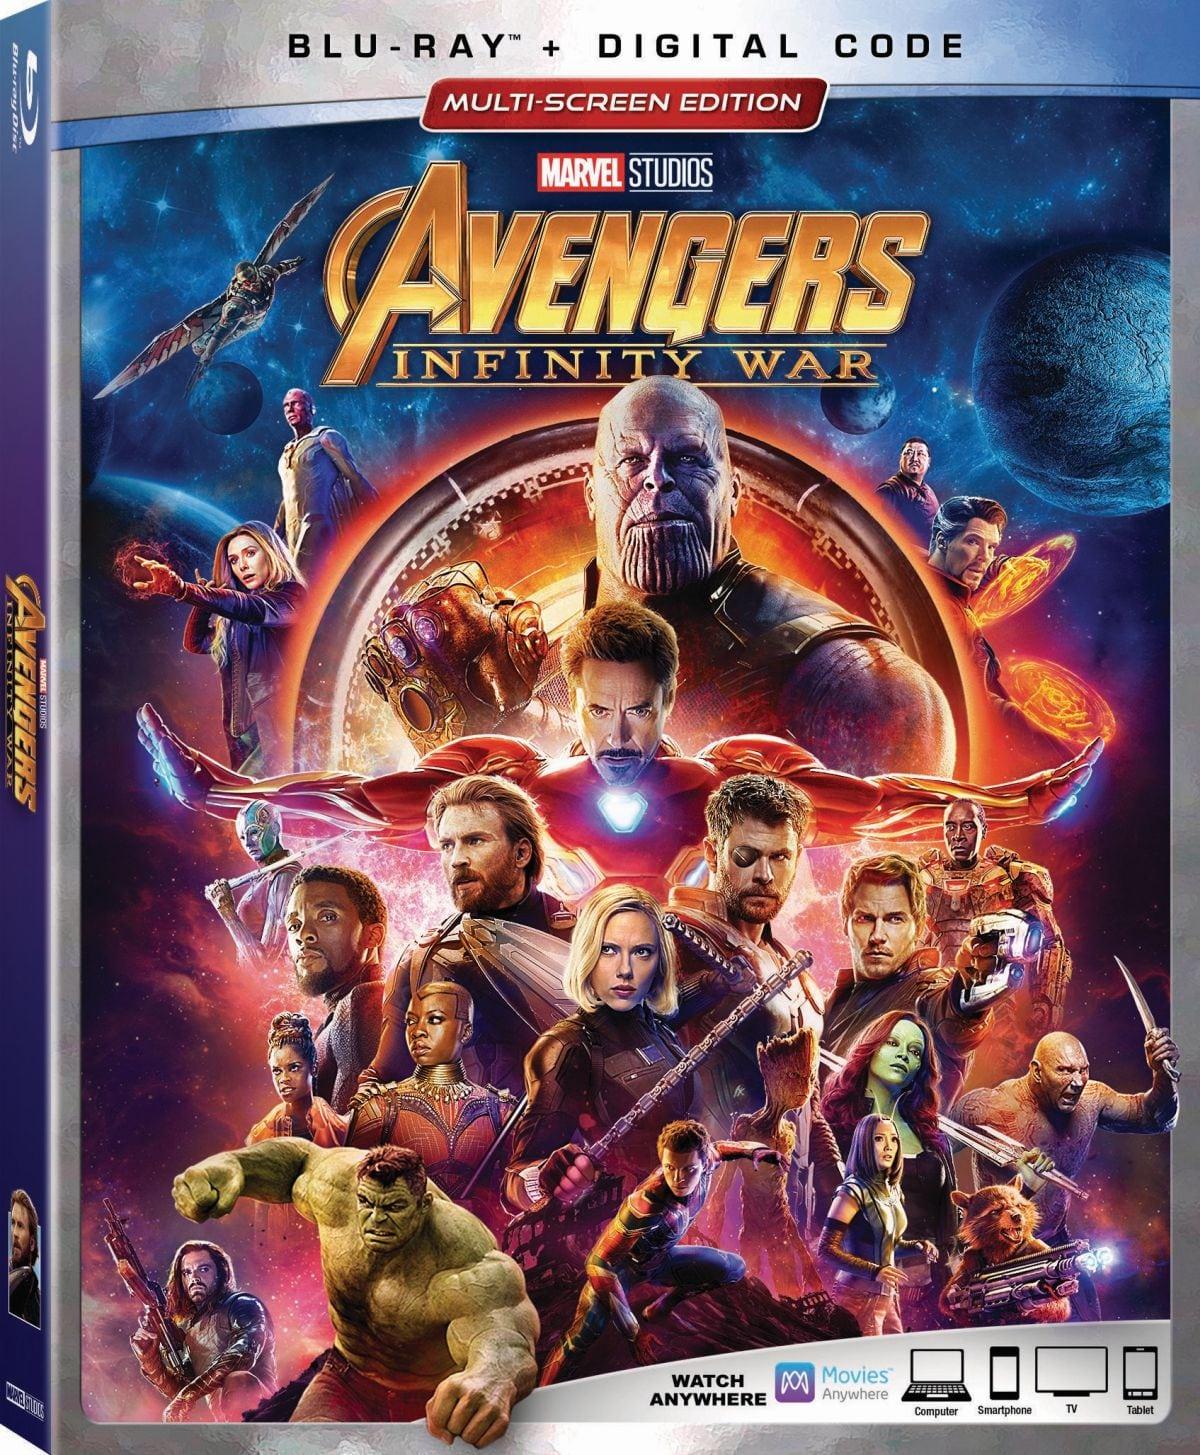 Las características especiales de Avengers: Infinity War se detallan cuando Blu-ray tiene fecha de lanzamiento en agosto